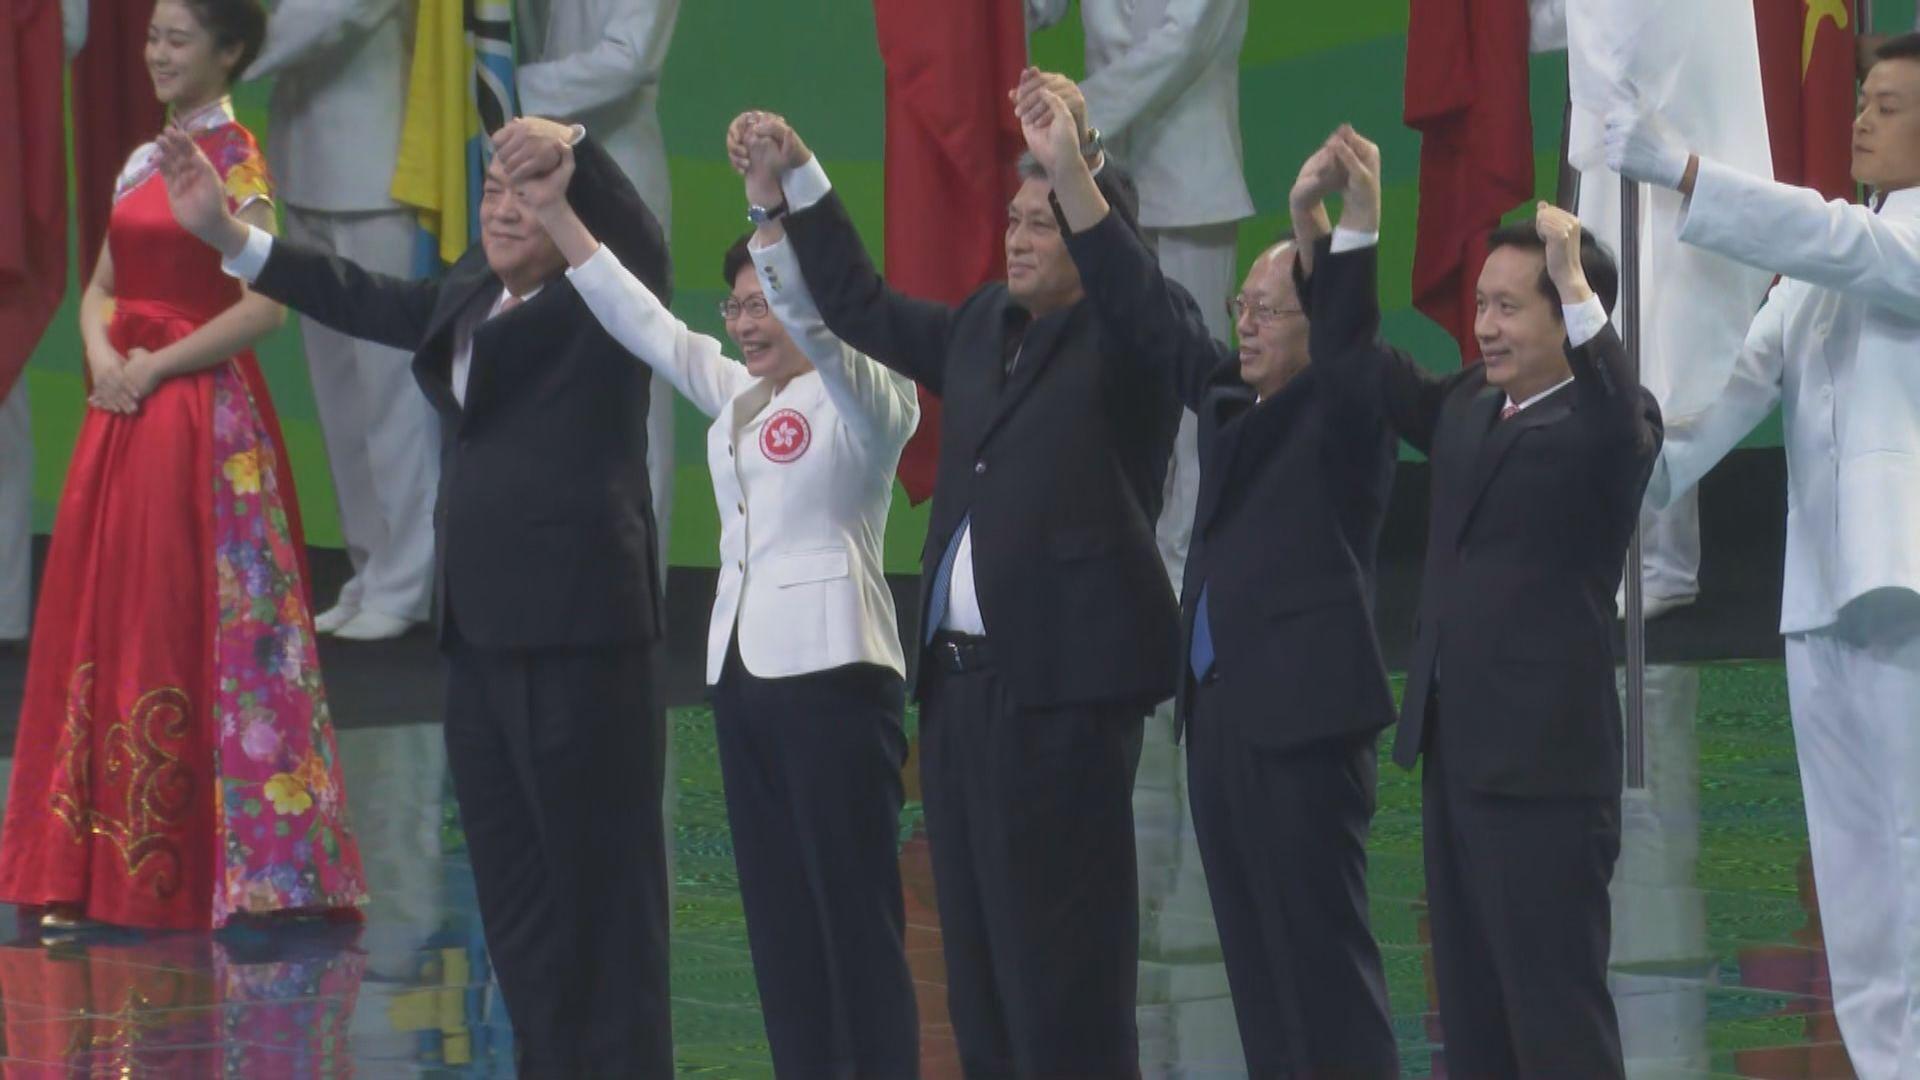 陝西全運會閉幕 授旗給下屆主辦方粵港澳三地